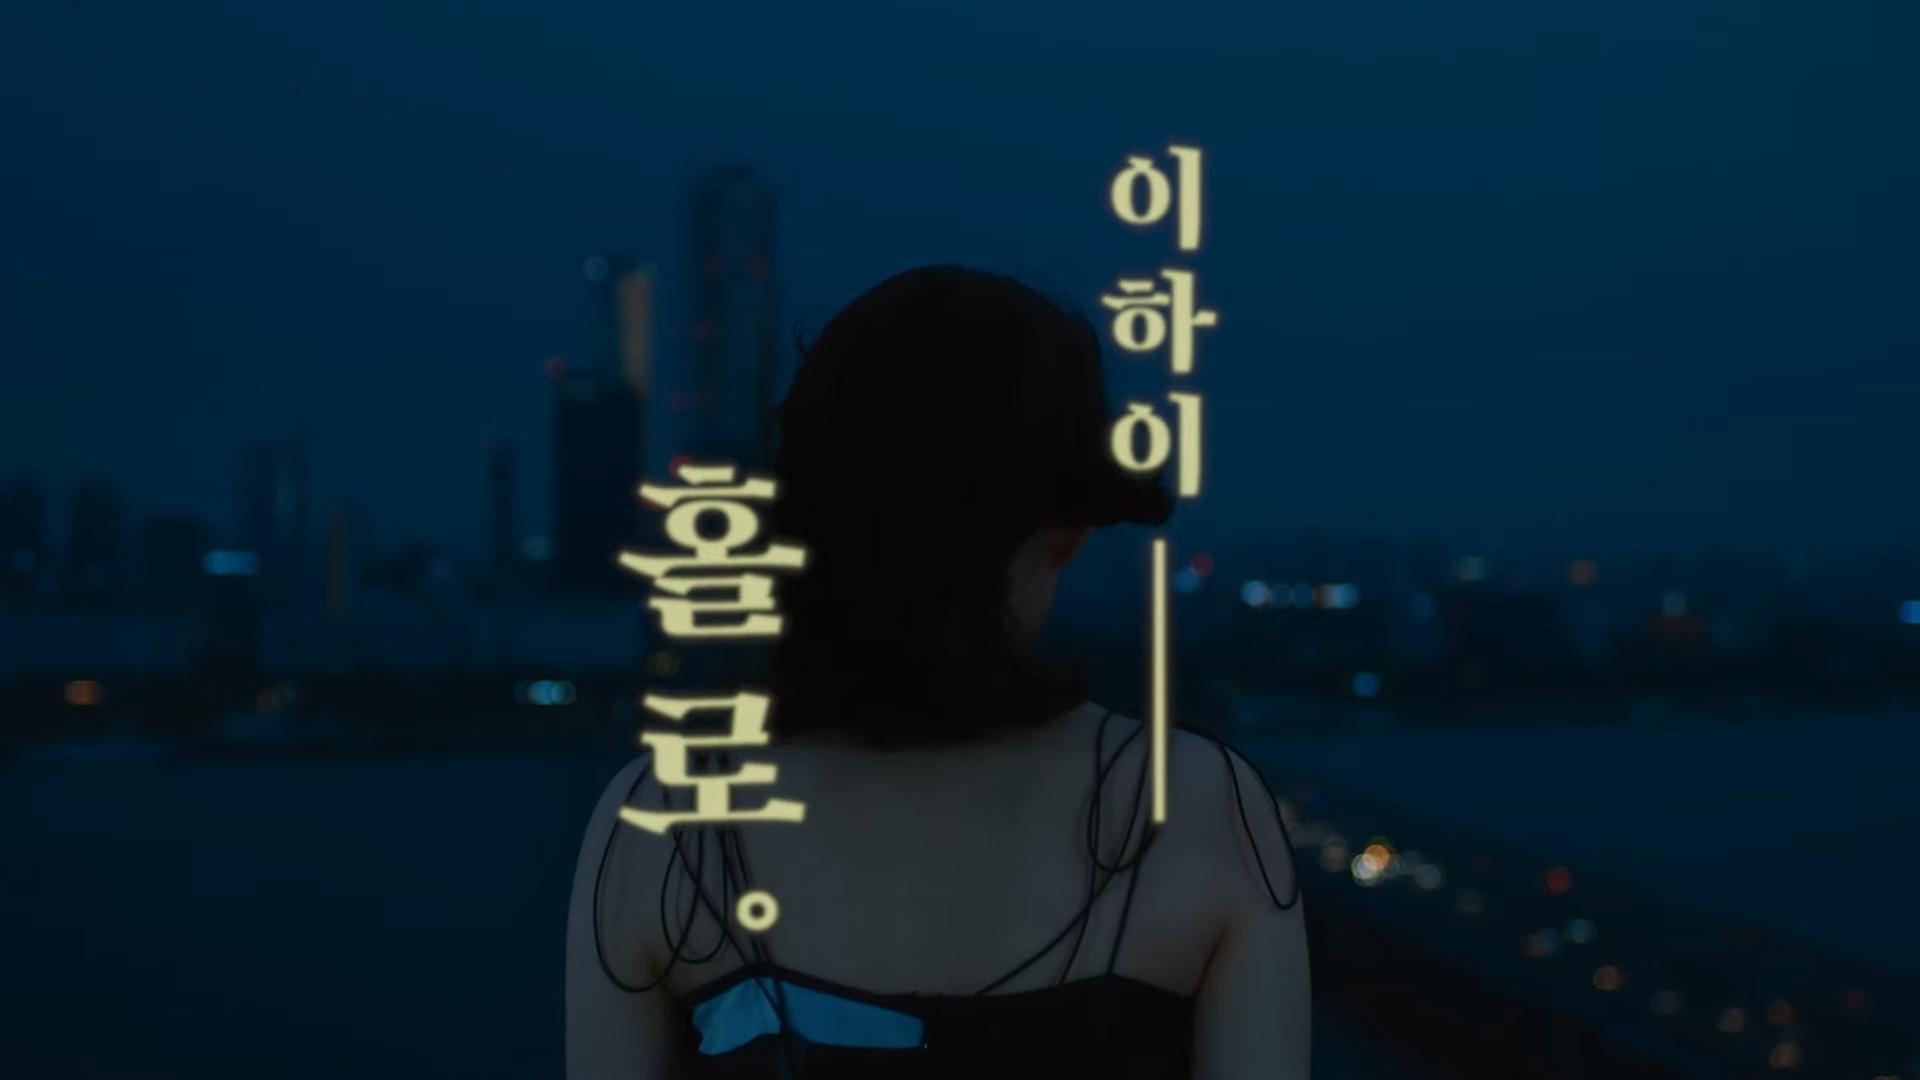 Lee Hi chính thức tái xuất với Holo: MV nặng tâm lý nhưng nhạc lại hao hao một bản hit đình đám của Meghan Trainor Ảnh 1